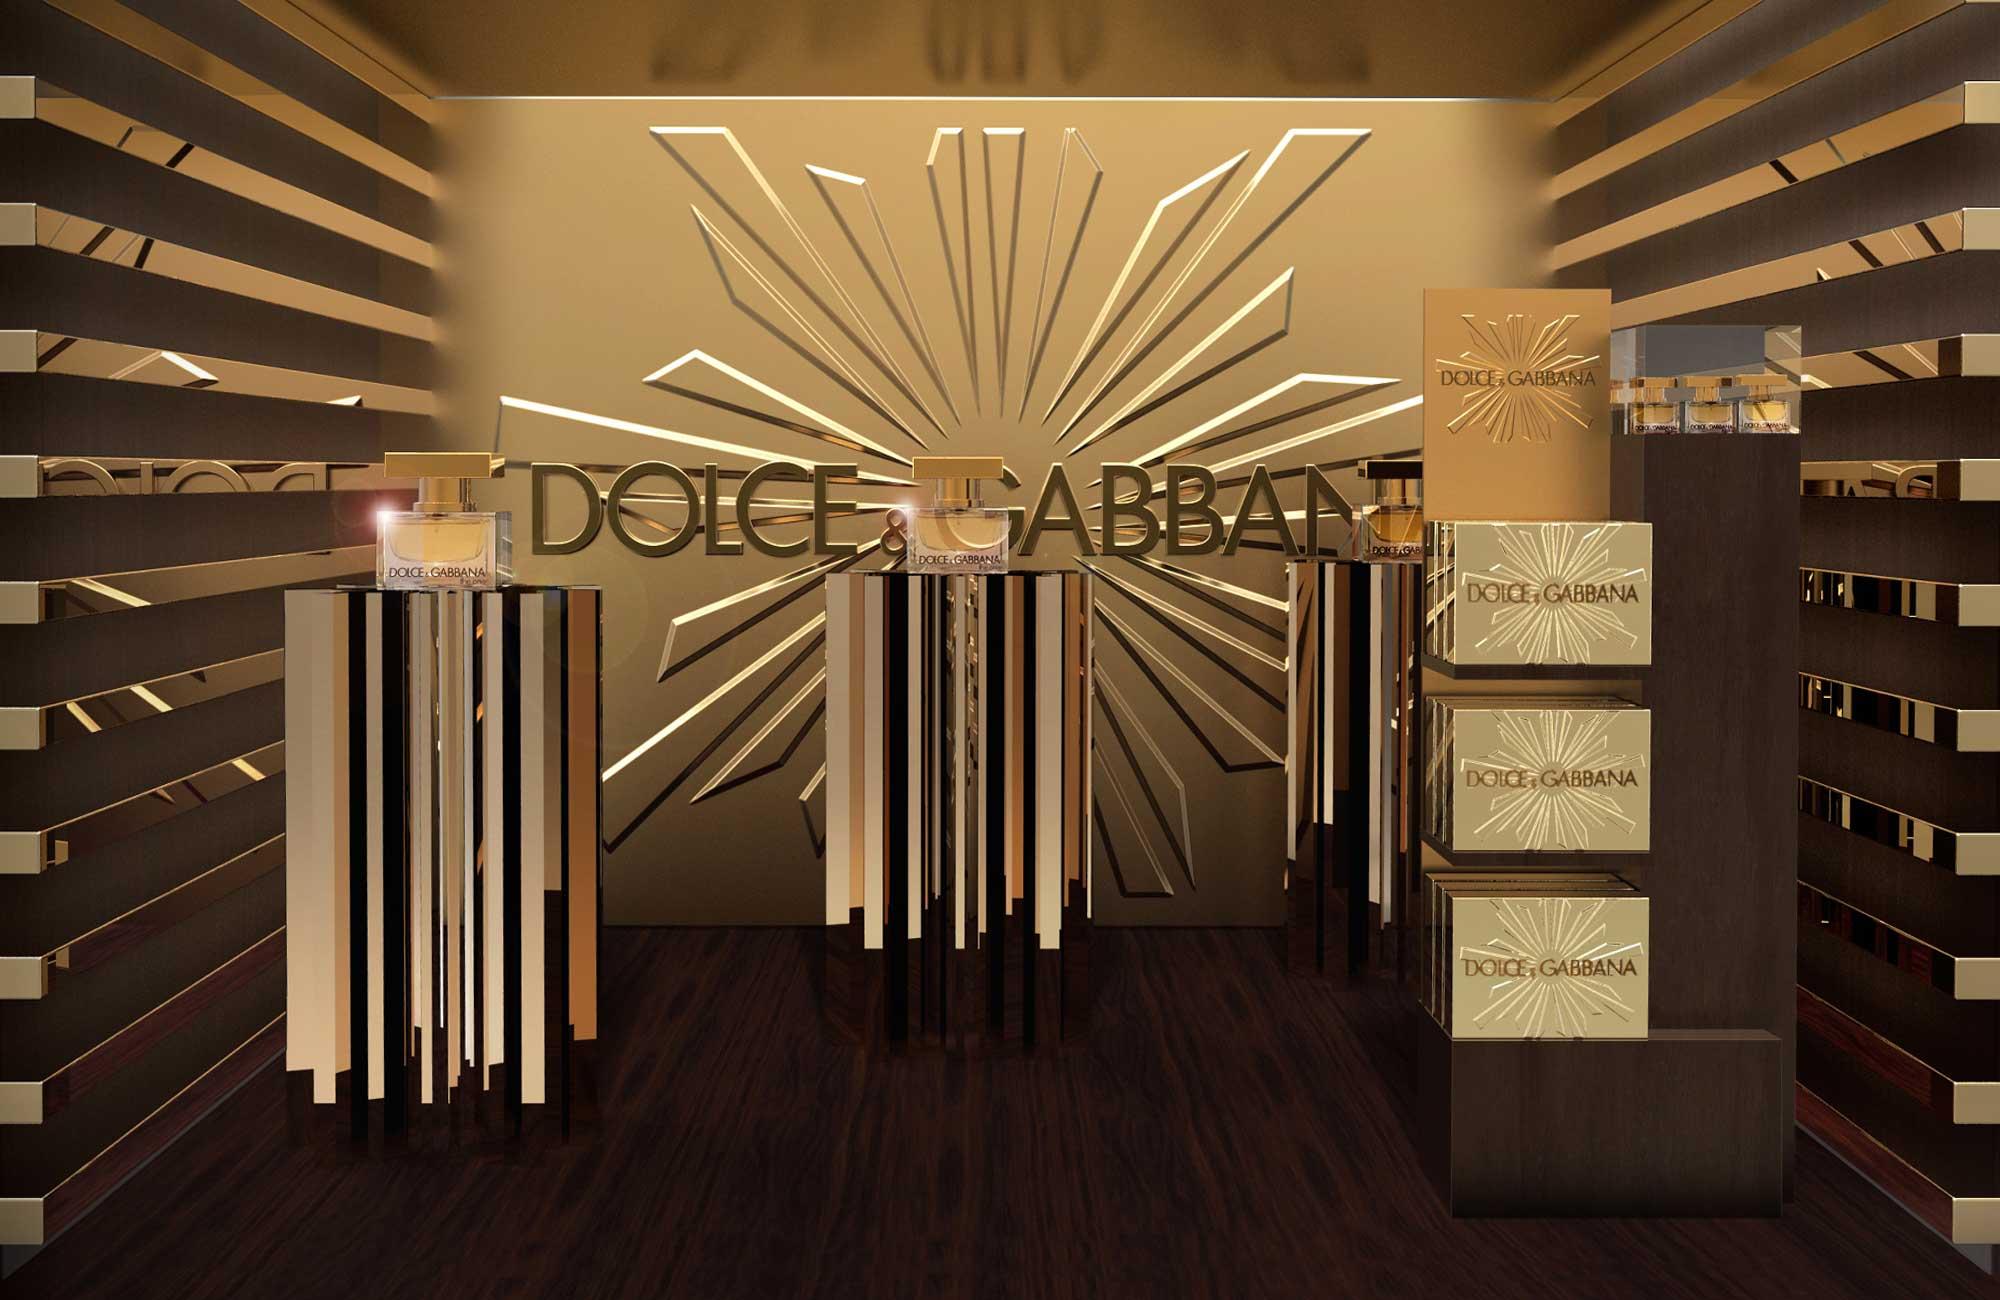 Interior_Dolce&Gabbana_©loup.ch_1